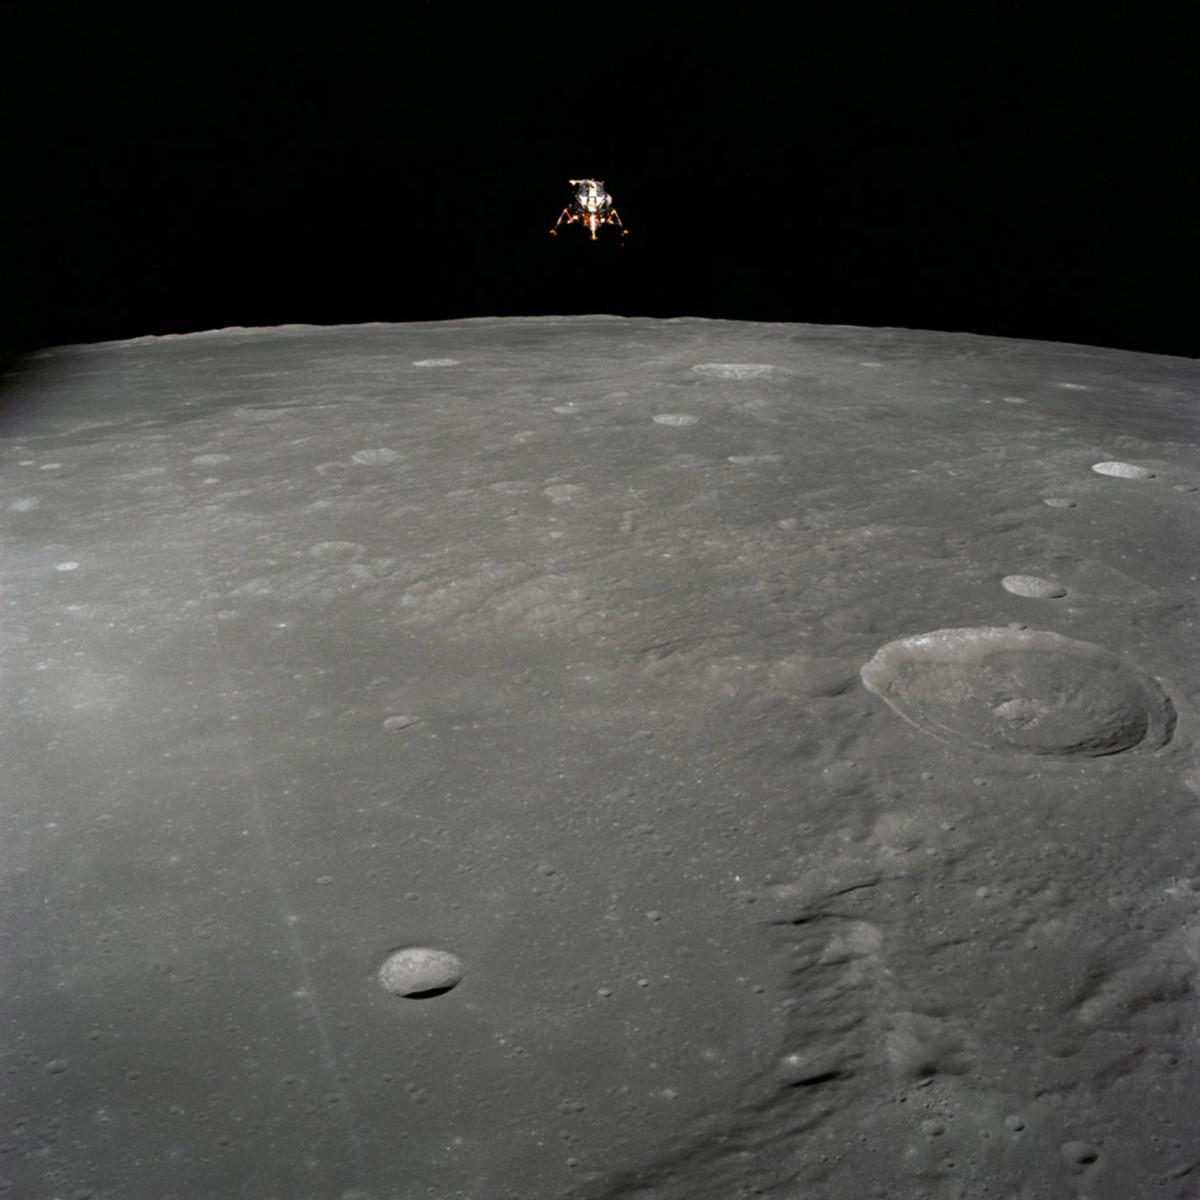 LEM-Descend-Apollo-12-Gear-Patrol